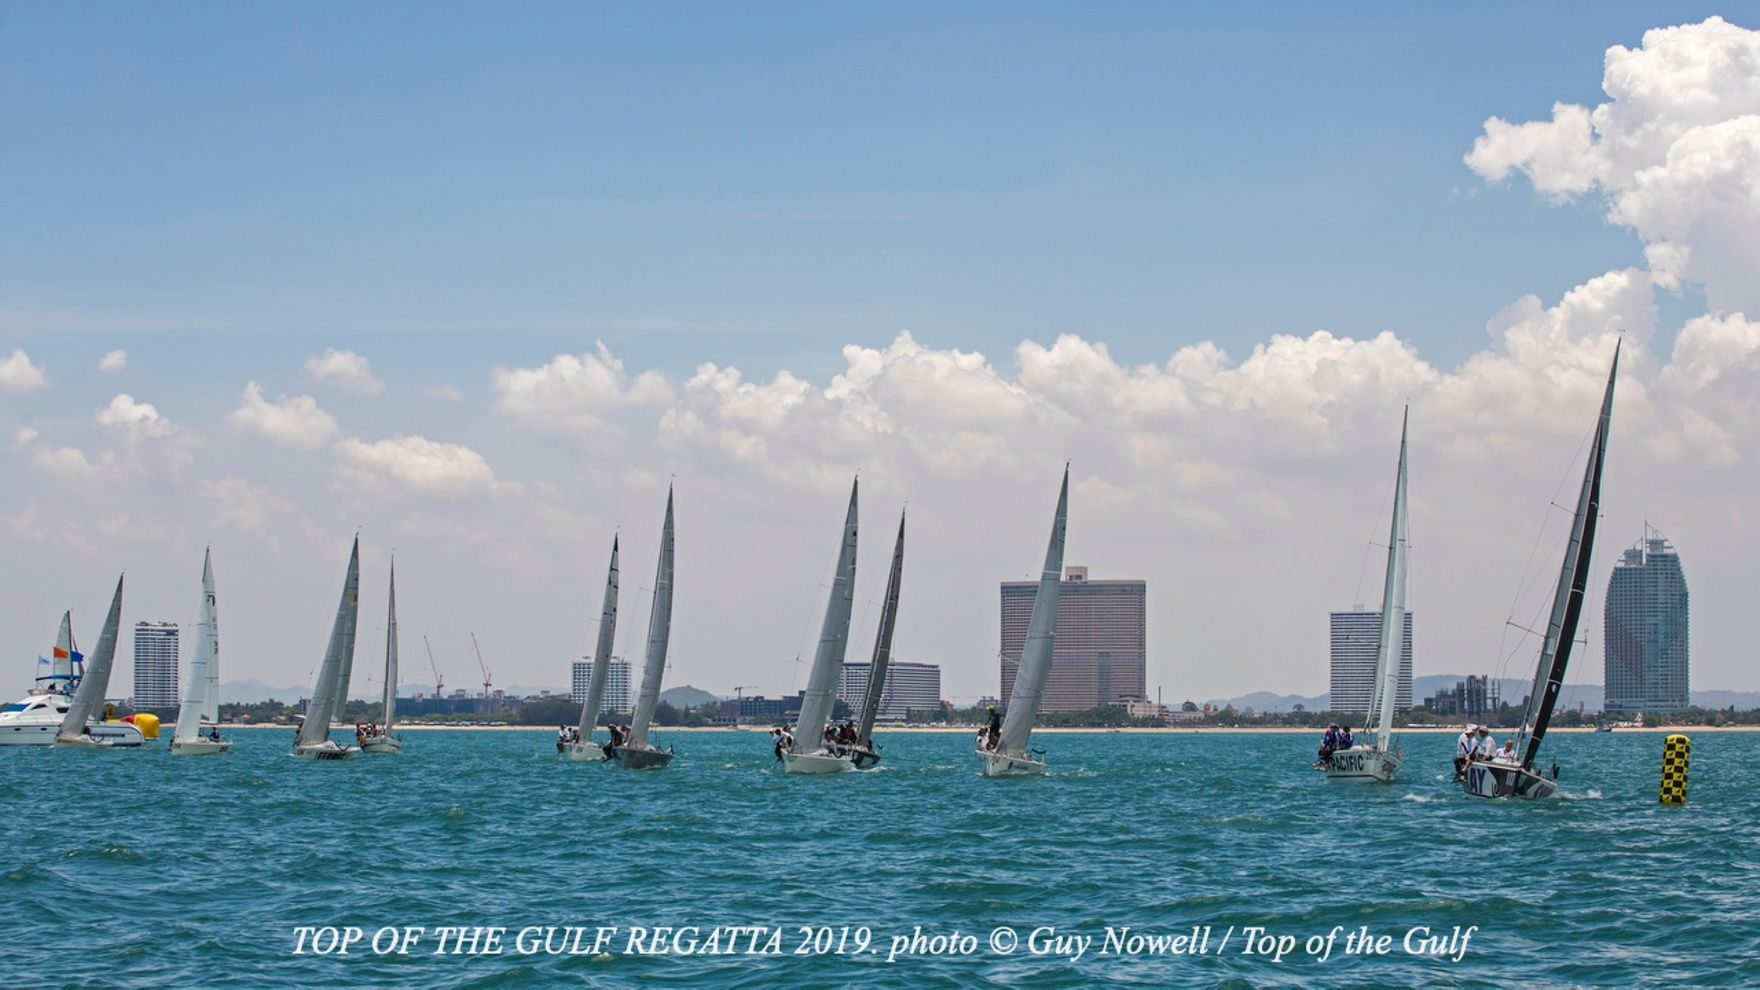 Top of the Gulf Regatta 2021